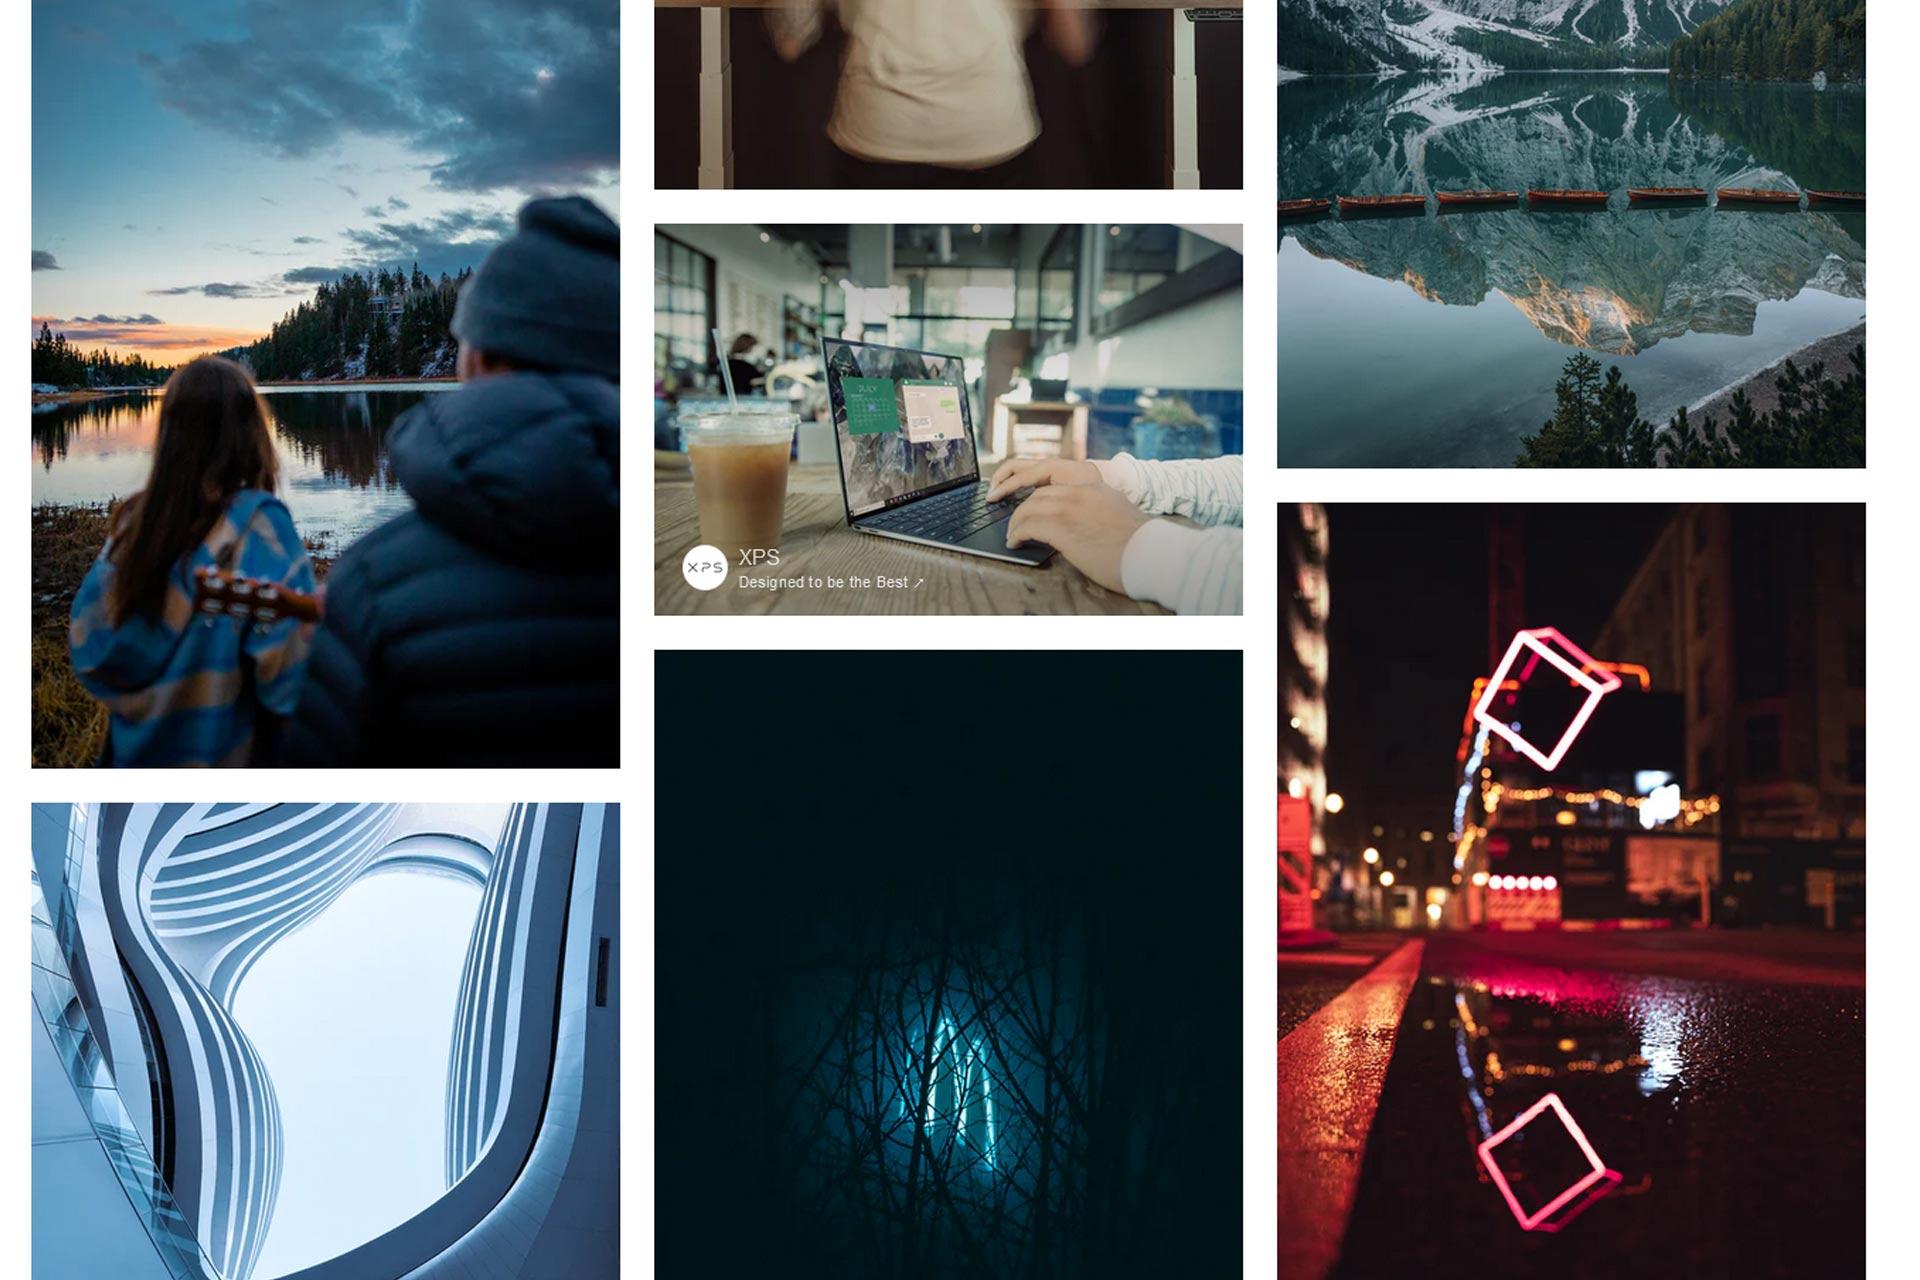 12 banków zdjęć z których pobierzesz darmowe materiały na swój blog, firmę czy social media